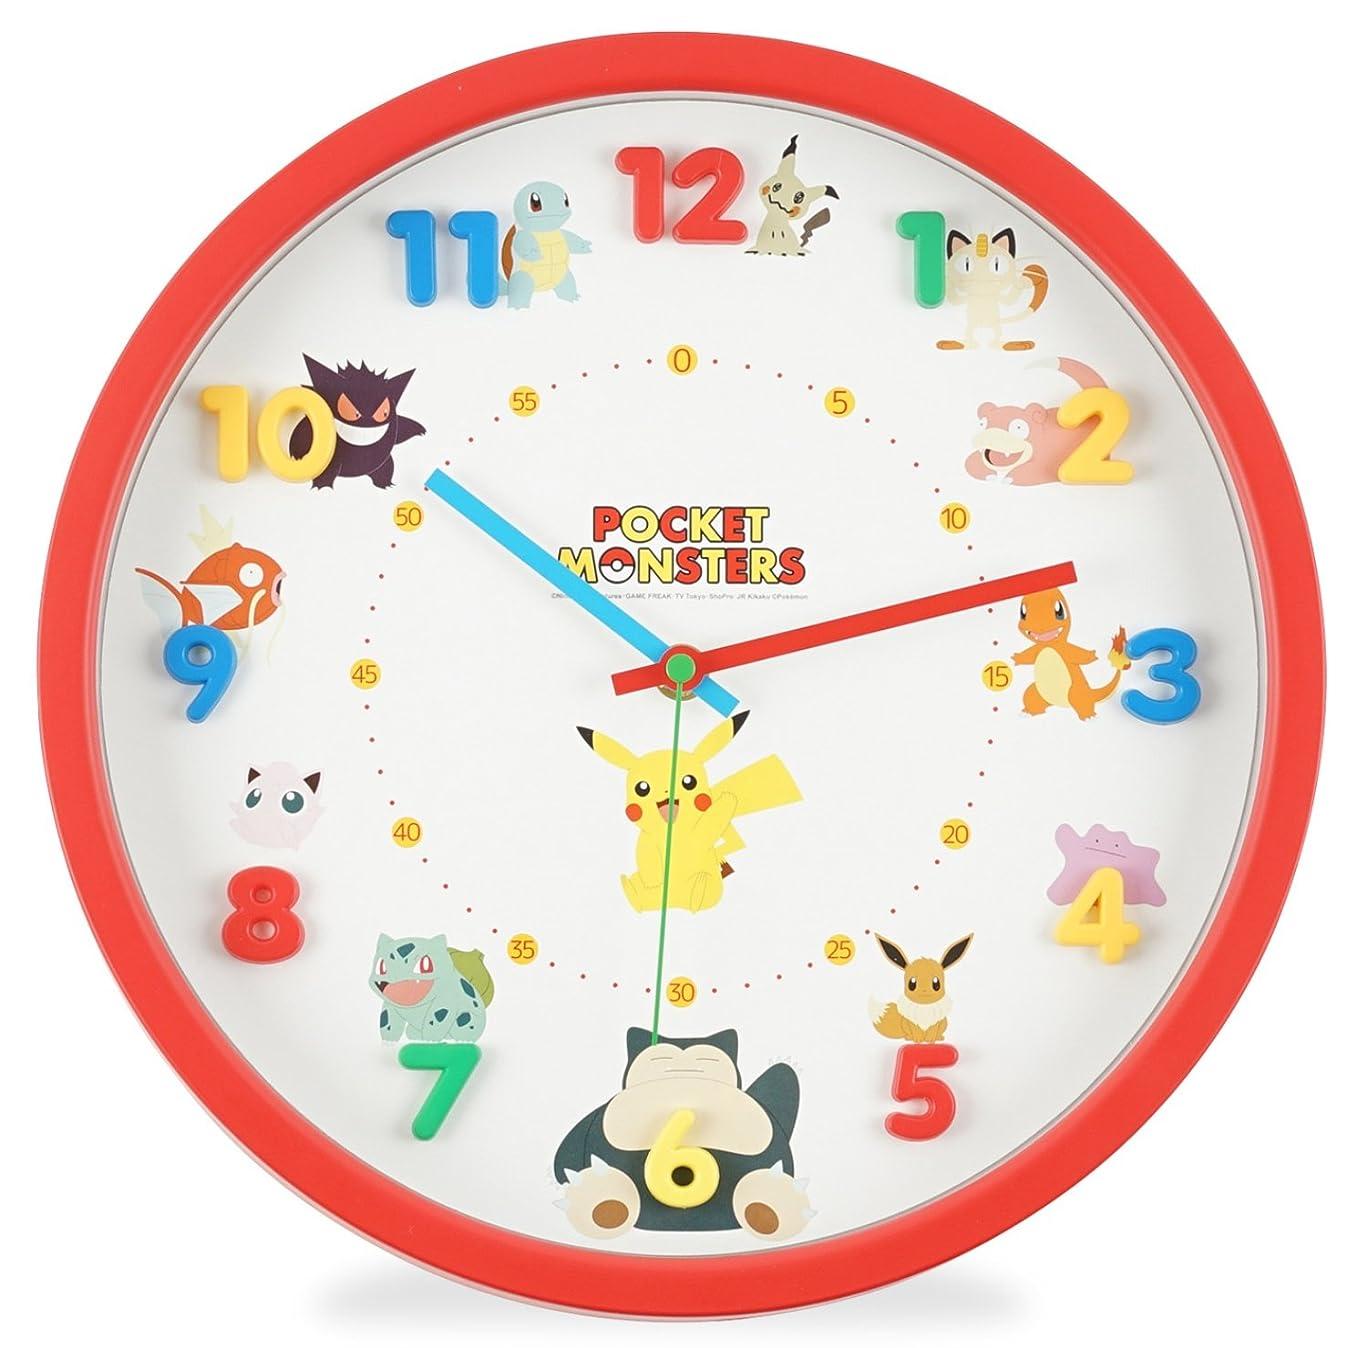 カスタムオーバーフロー平等ポケットモンスター 掛け時計 アナログ 連続秒針 立体文字盤 レッド